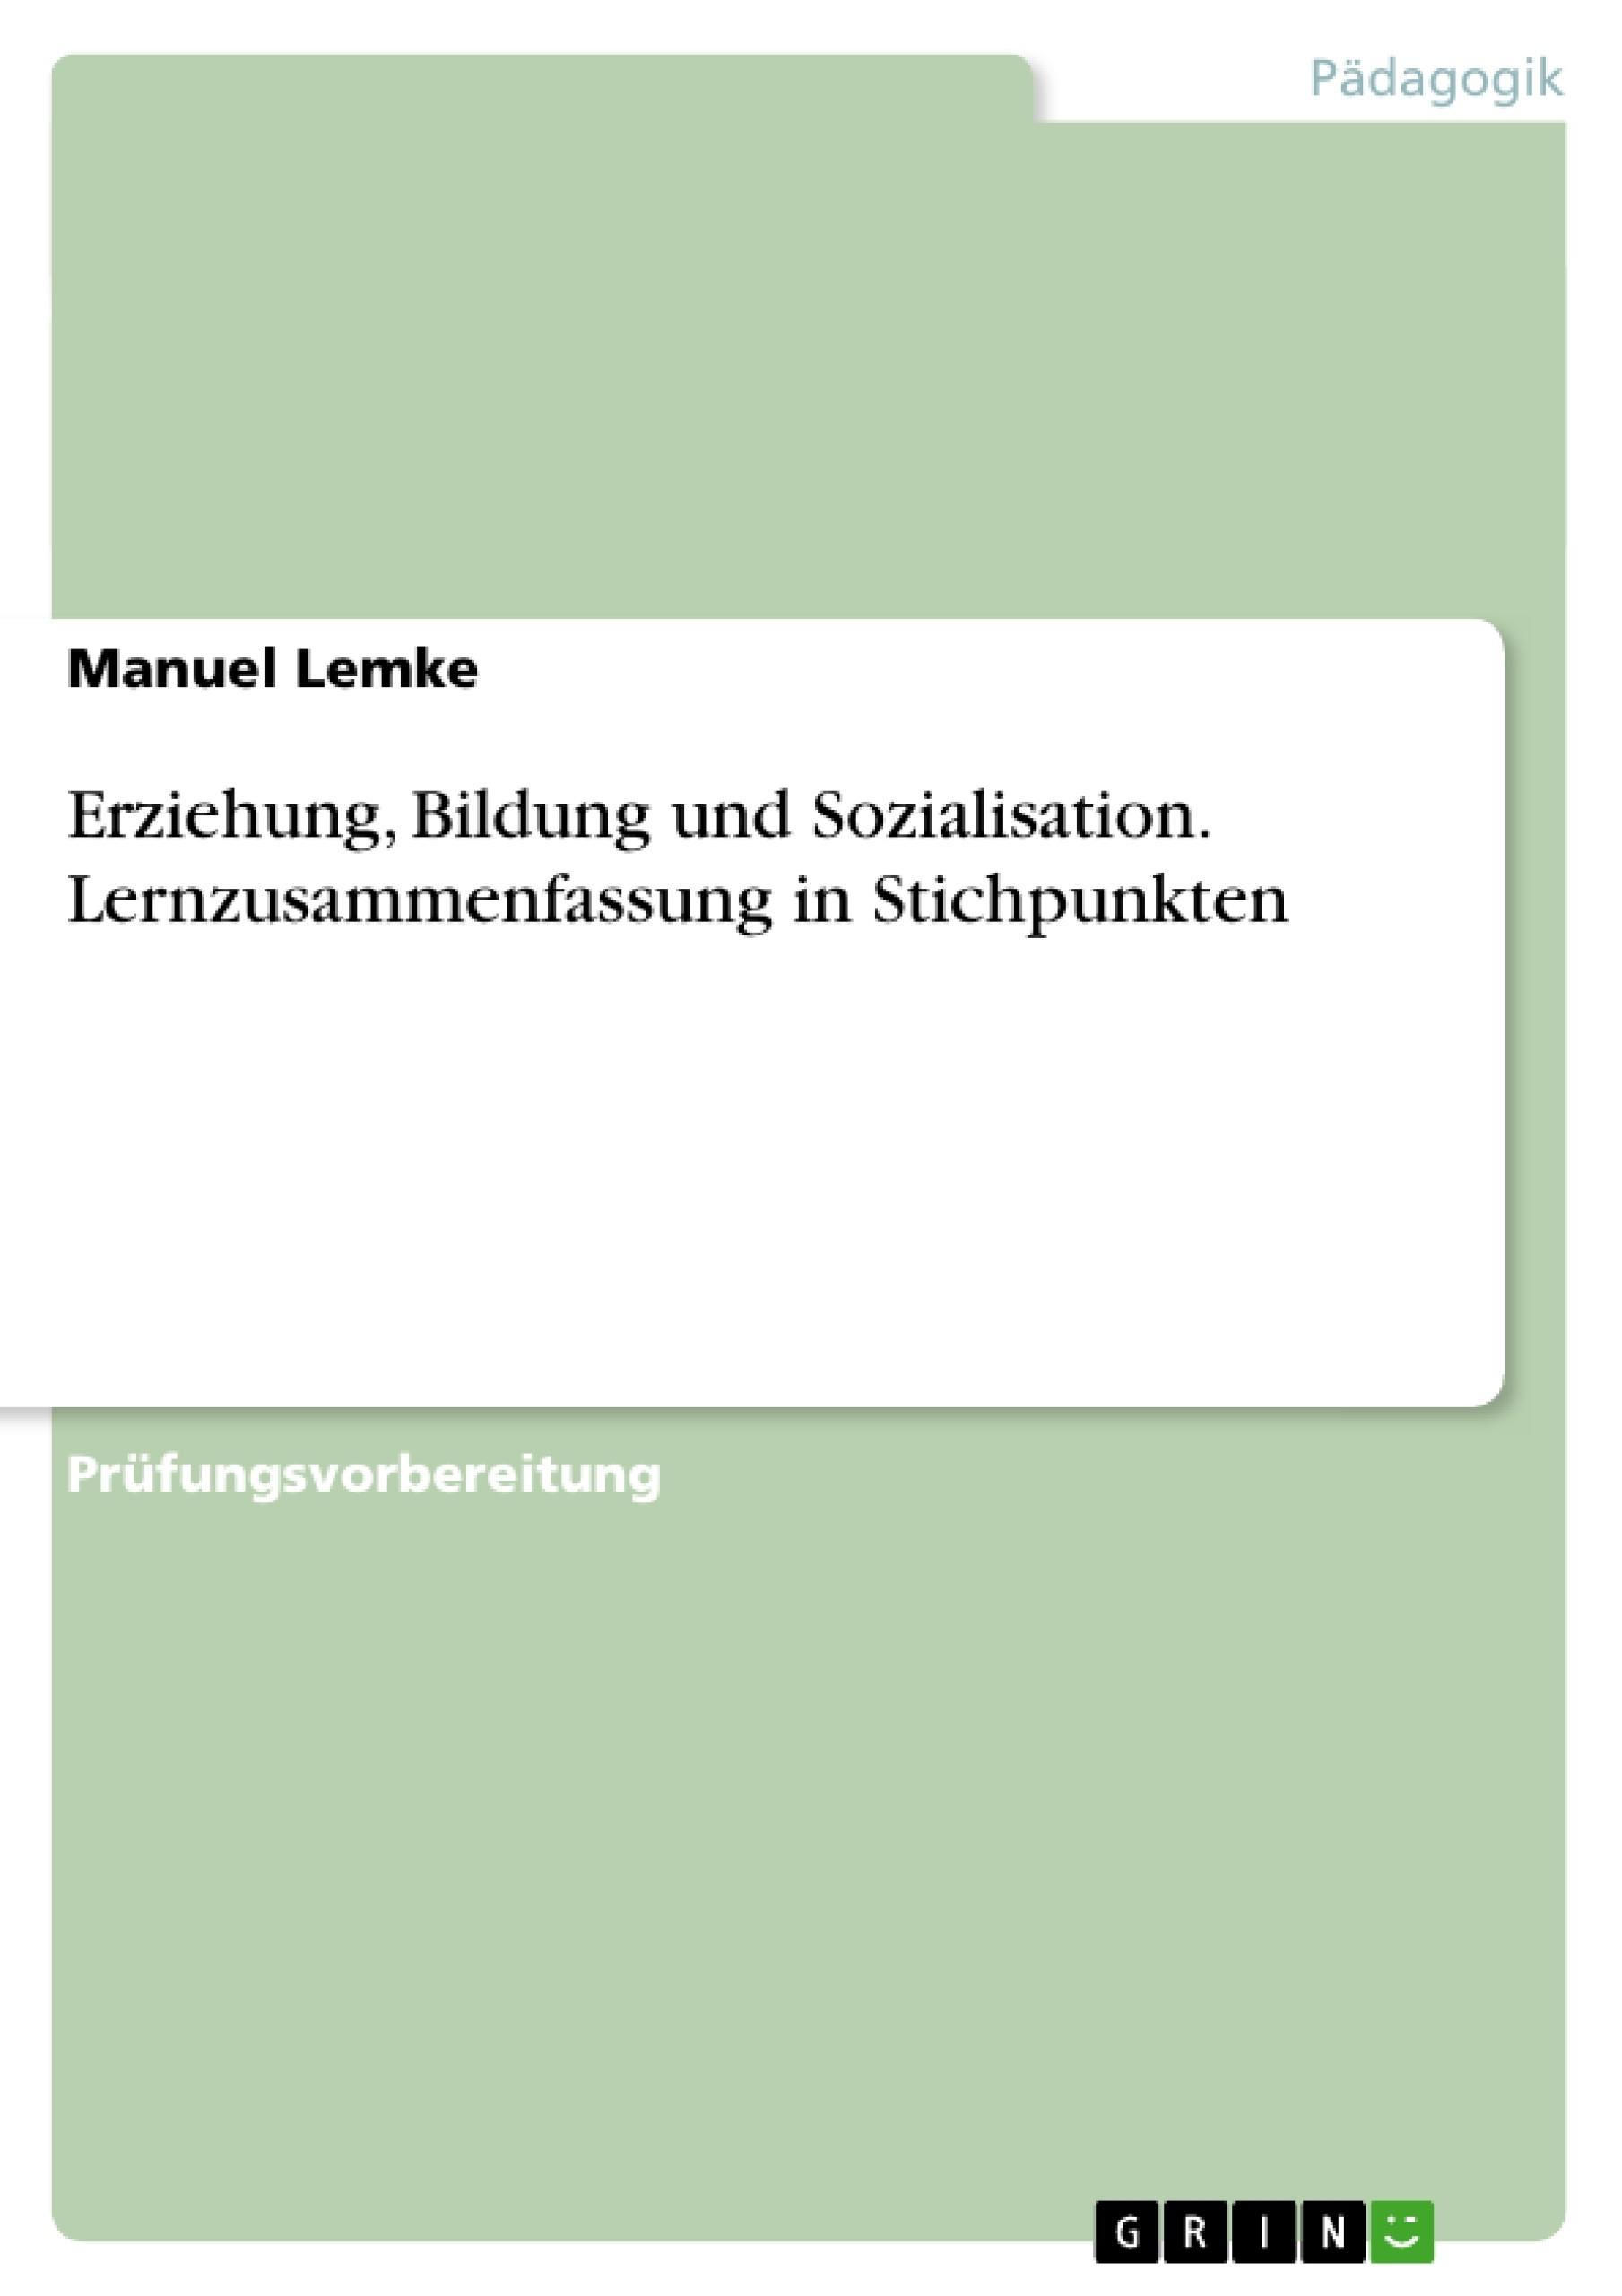 Titel: Erziehung, Bildung und Sozialisation. Lernzusammenfassung in Stichpunkten